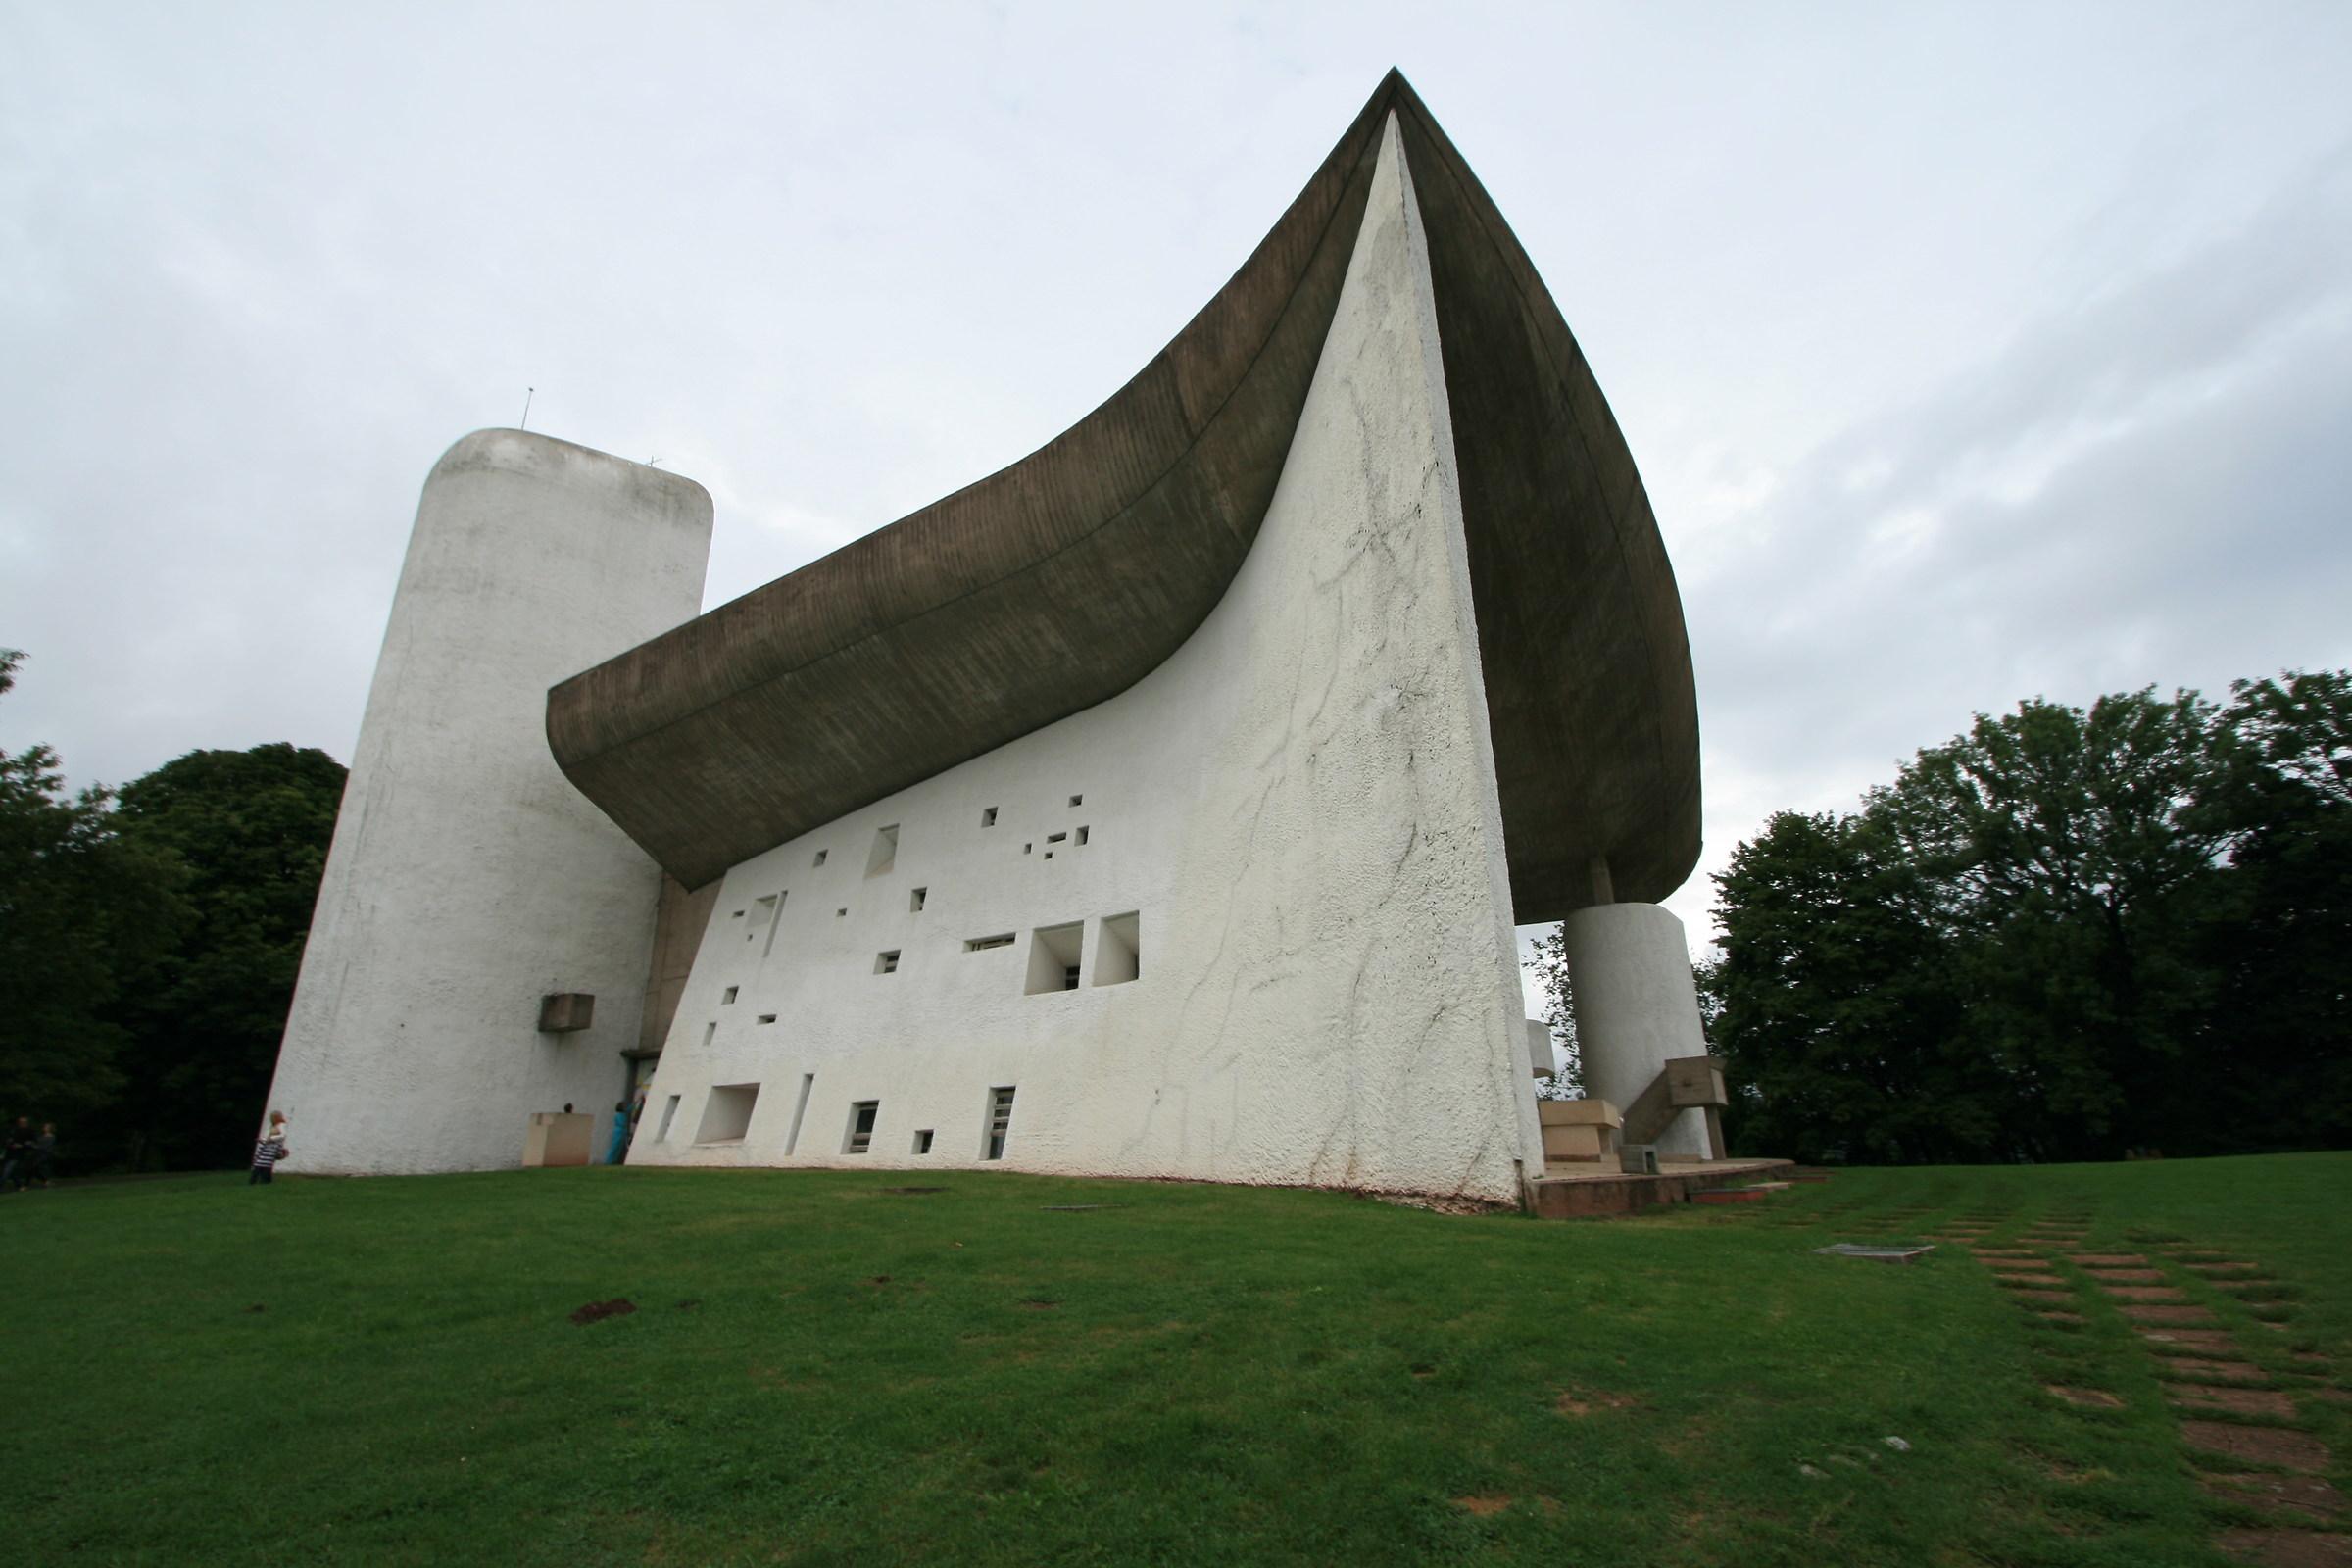 Ronchamp - Notre-Dame du Haut - Le Corbusier...